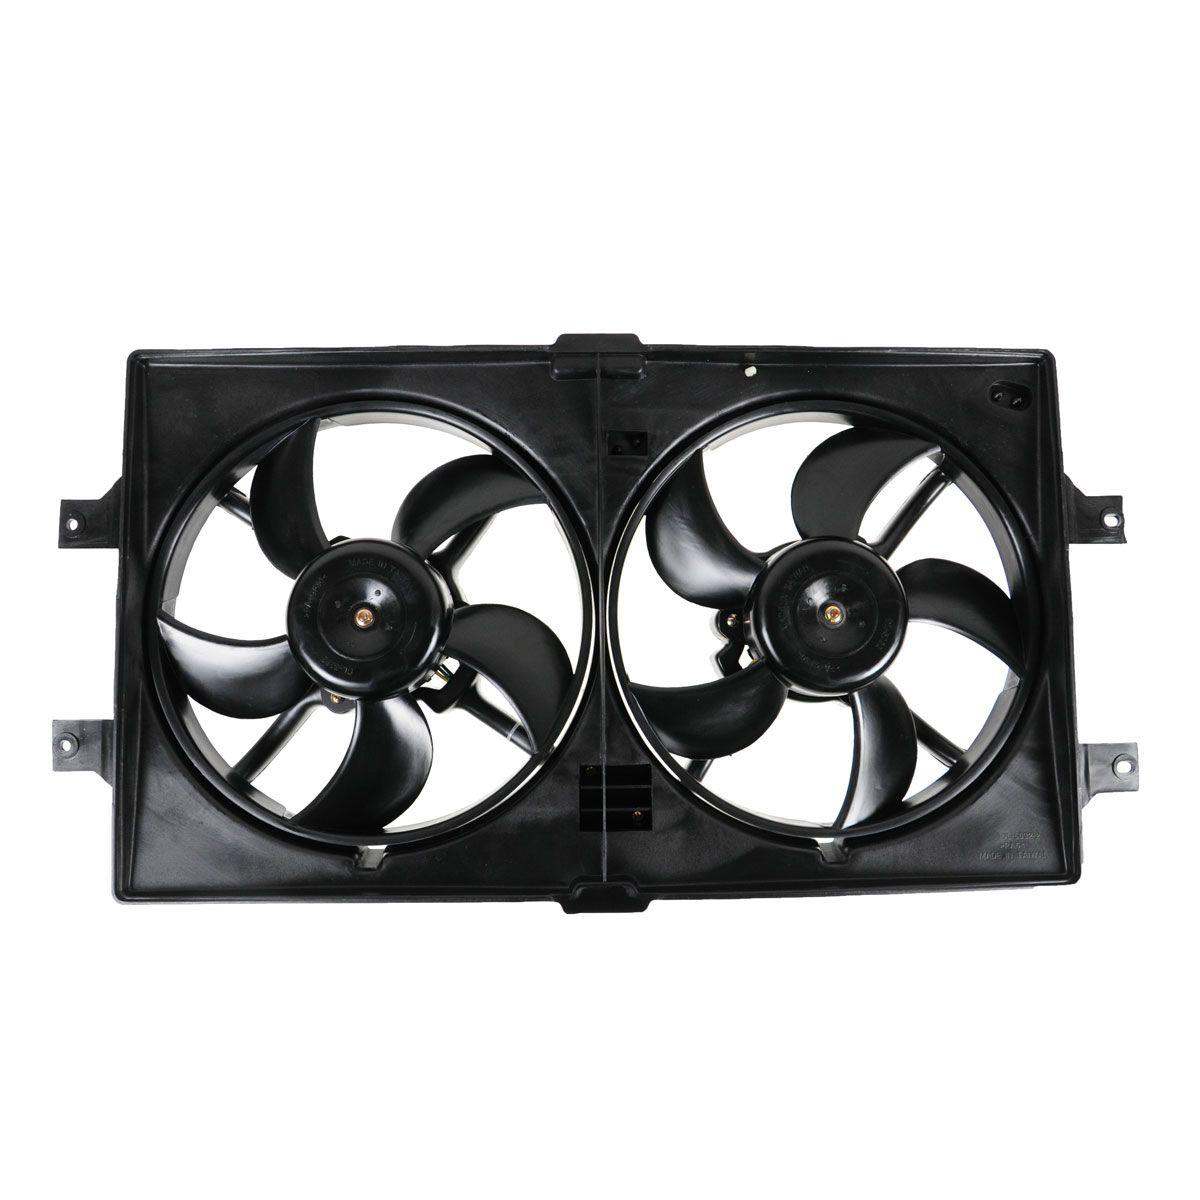 Radiator cooling fan motor assembly for chrysler 300m for Radiator fan motor price